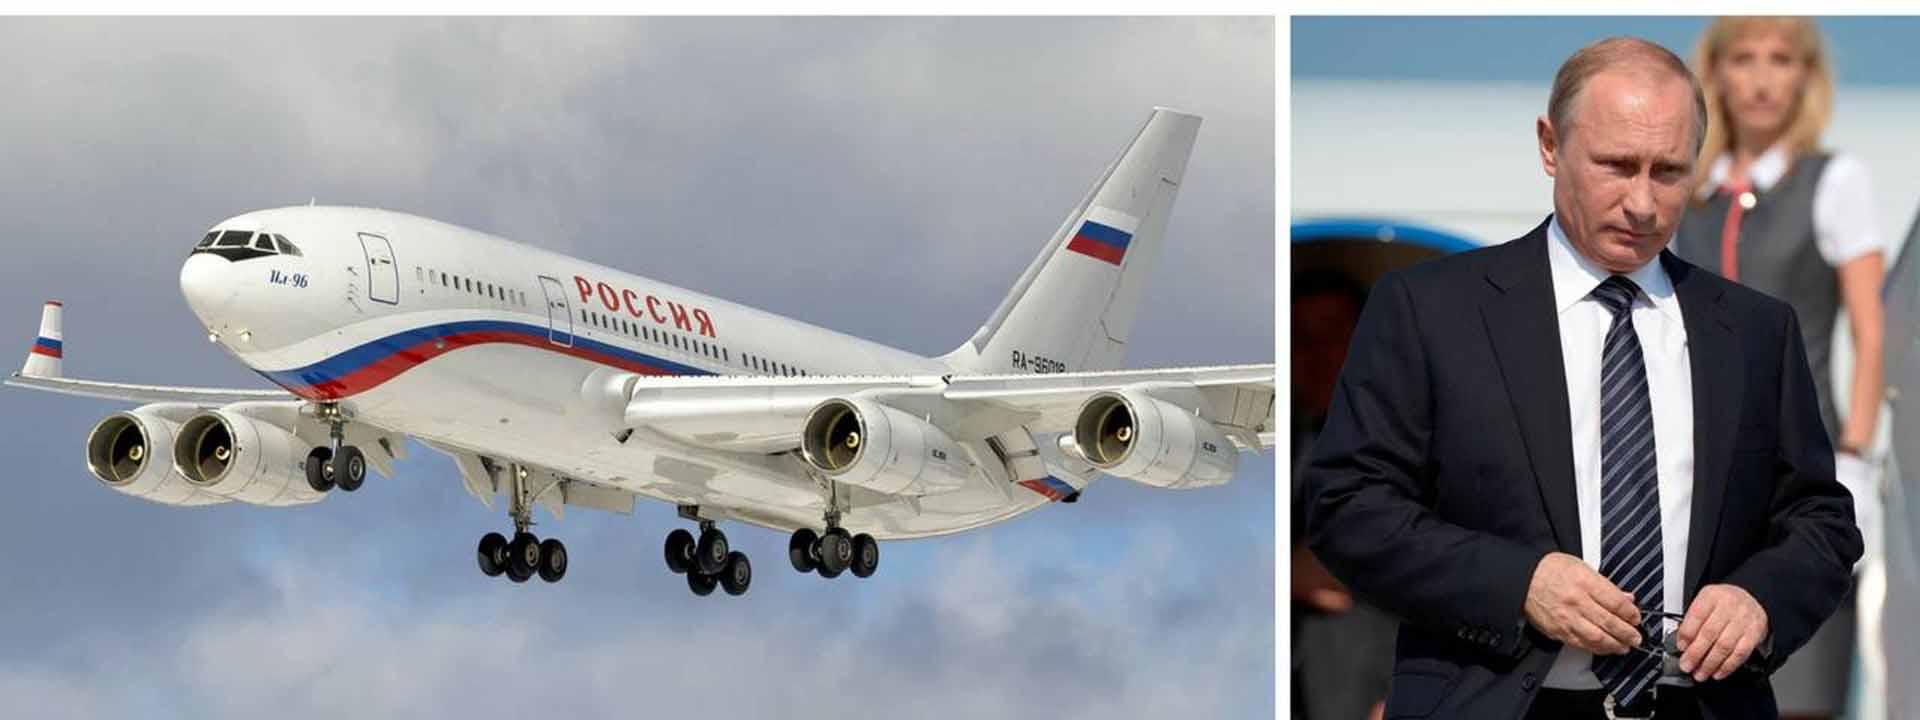 Putin su avion